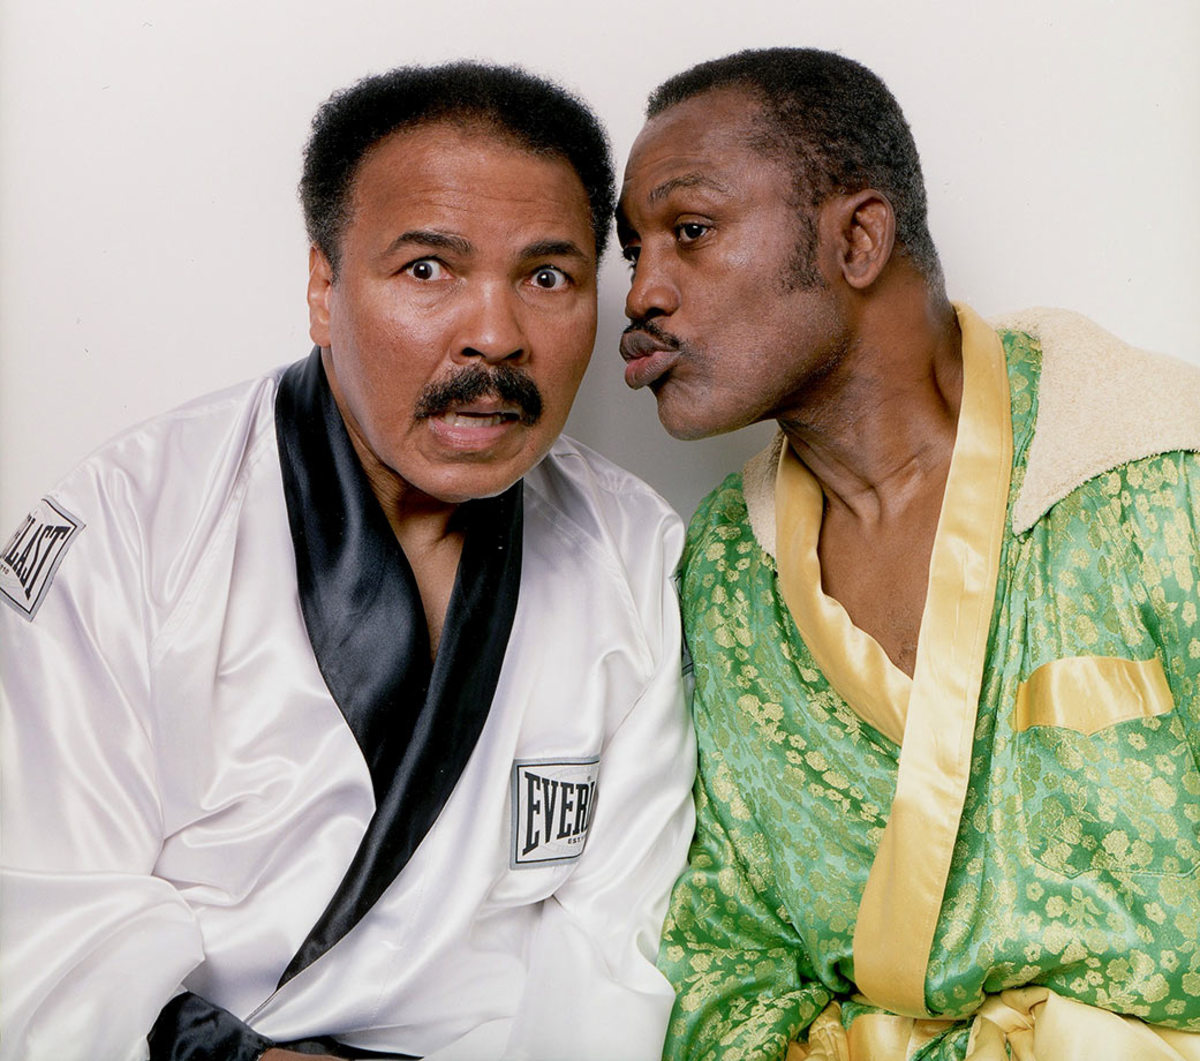 2003-Muhammad-Ali-Joe-Frazier-001175318.jpg